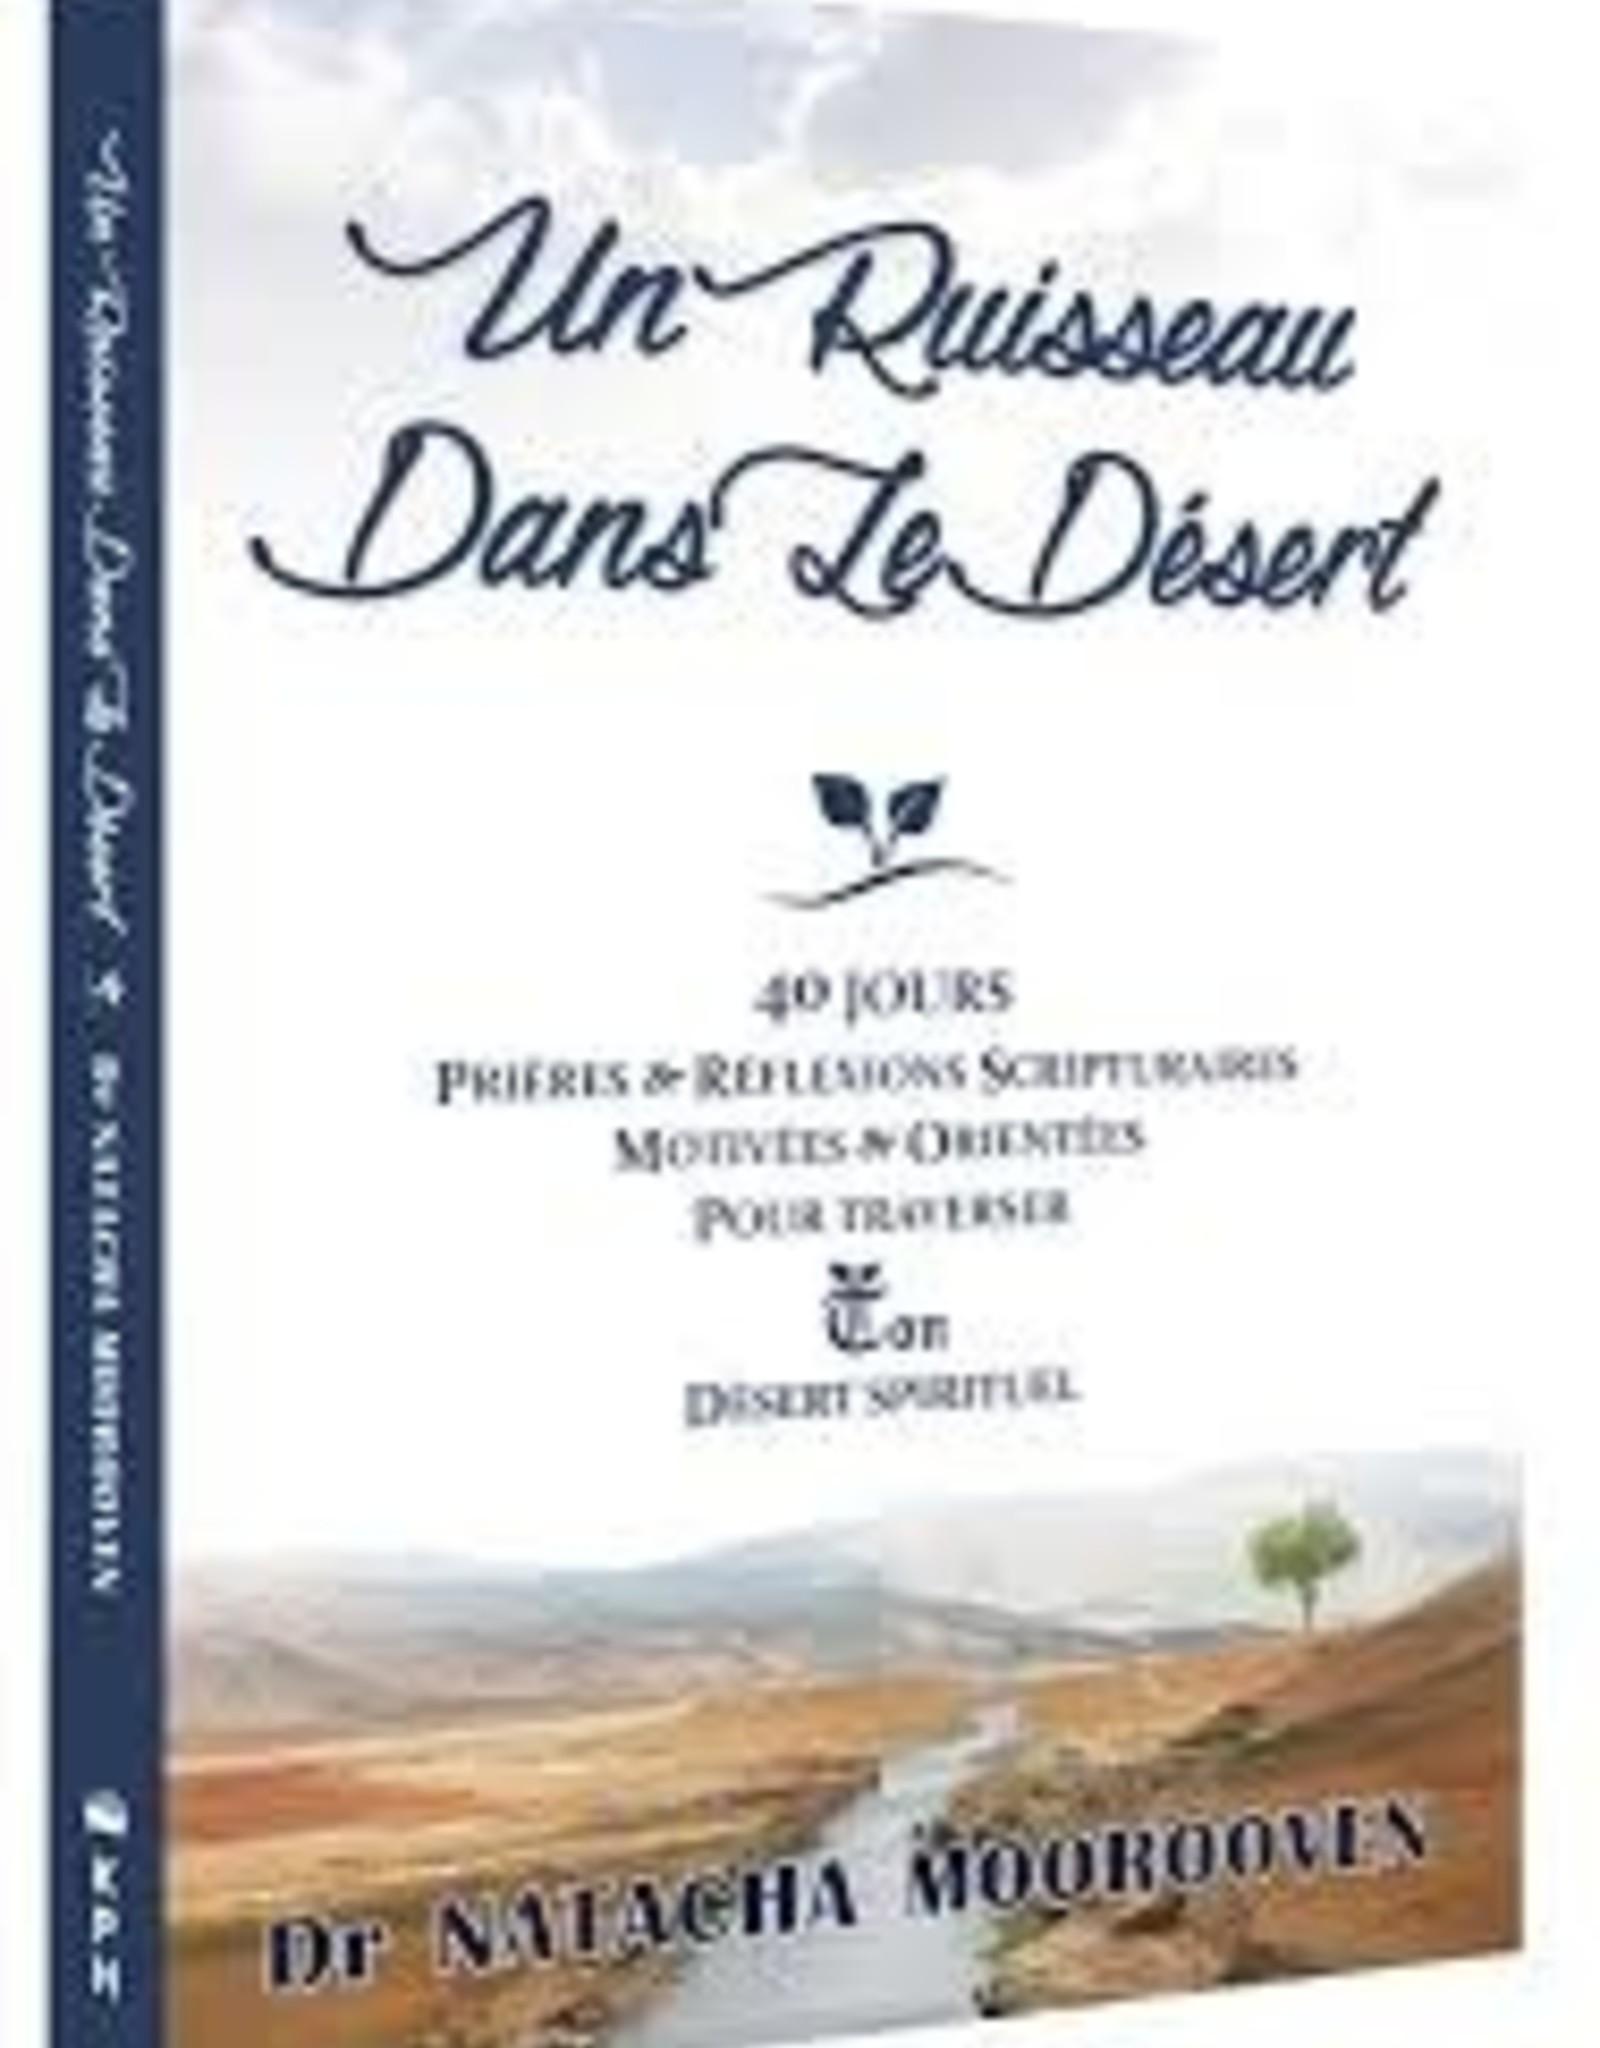 Dr. Natacha Moorooven Un ruisseau dans le désert